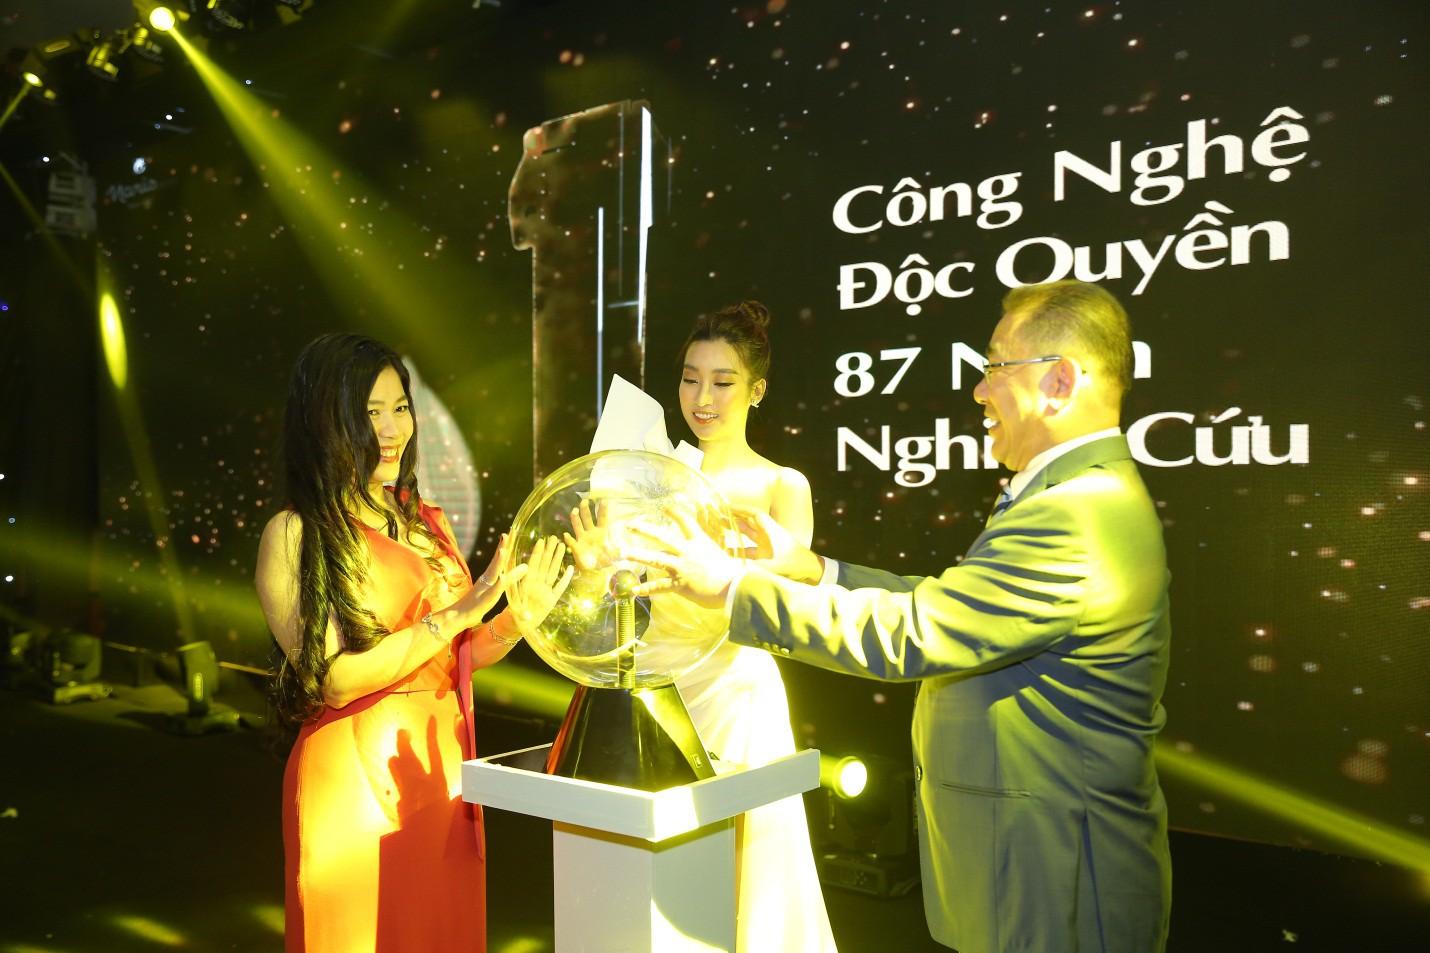 Bất ngờ kép đến từ Naris: Đại sứ thương hiệu Đỗ Mỹ Linh, tuyệt tác công nghệ làm đẹp Nhật Bản lần đầu có mặt tại Việt Nam - Ảnh 1.